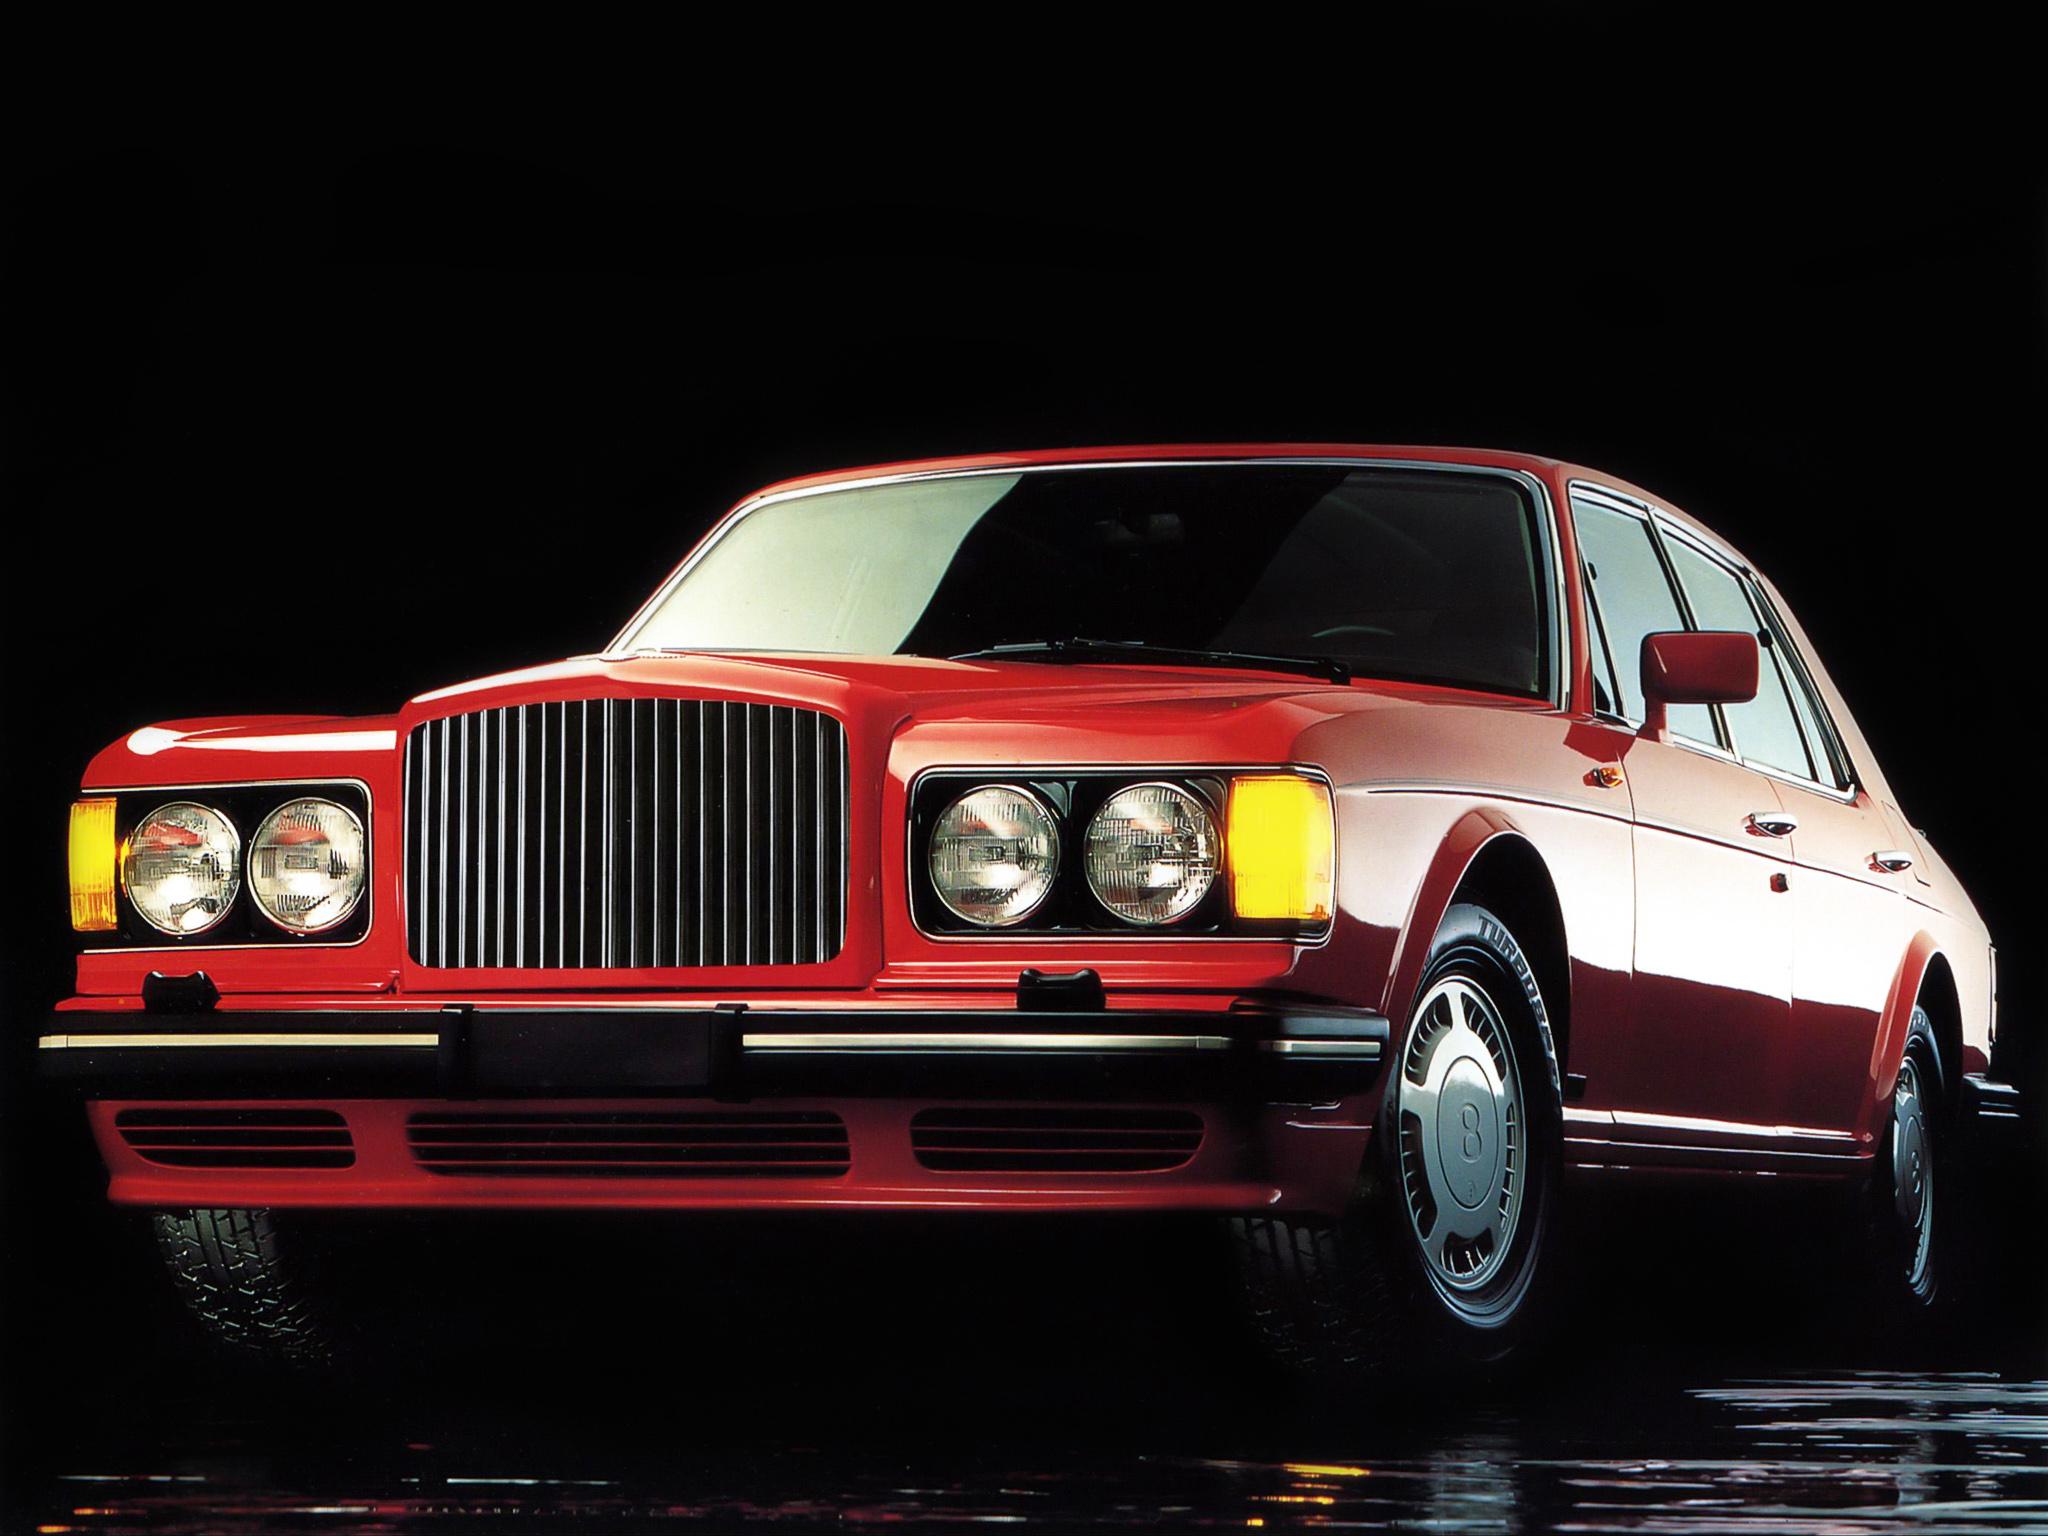 Den sportiga Bentley Turbo R, här med de dubbla runda lysena som kom 1989.